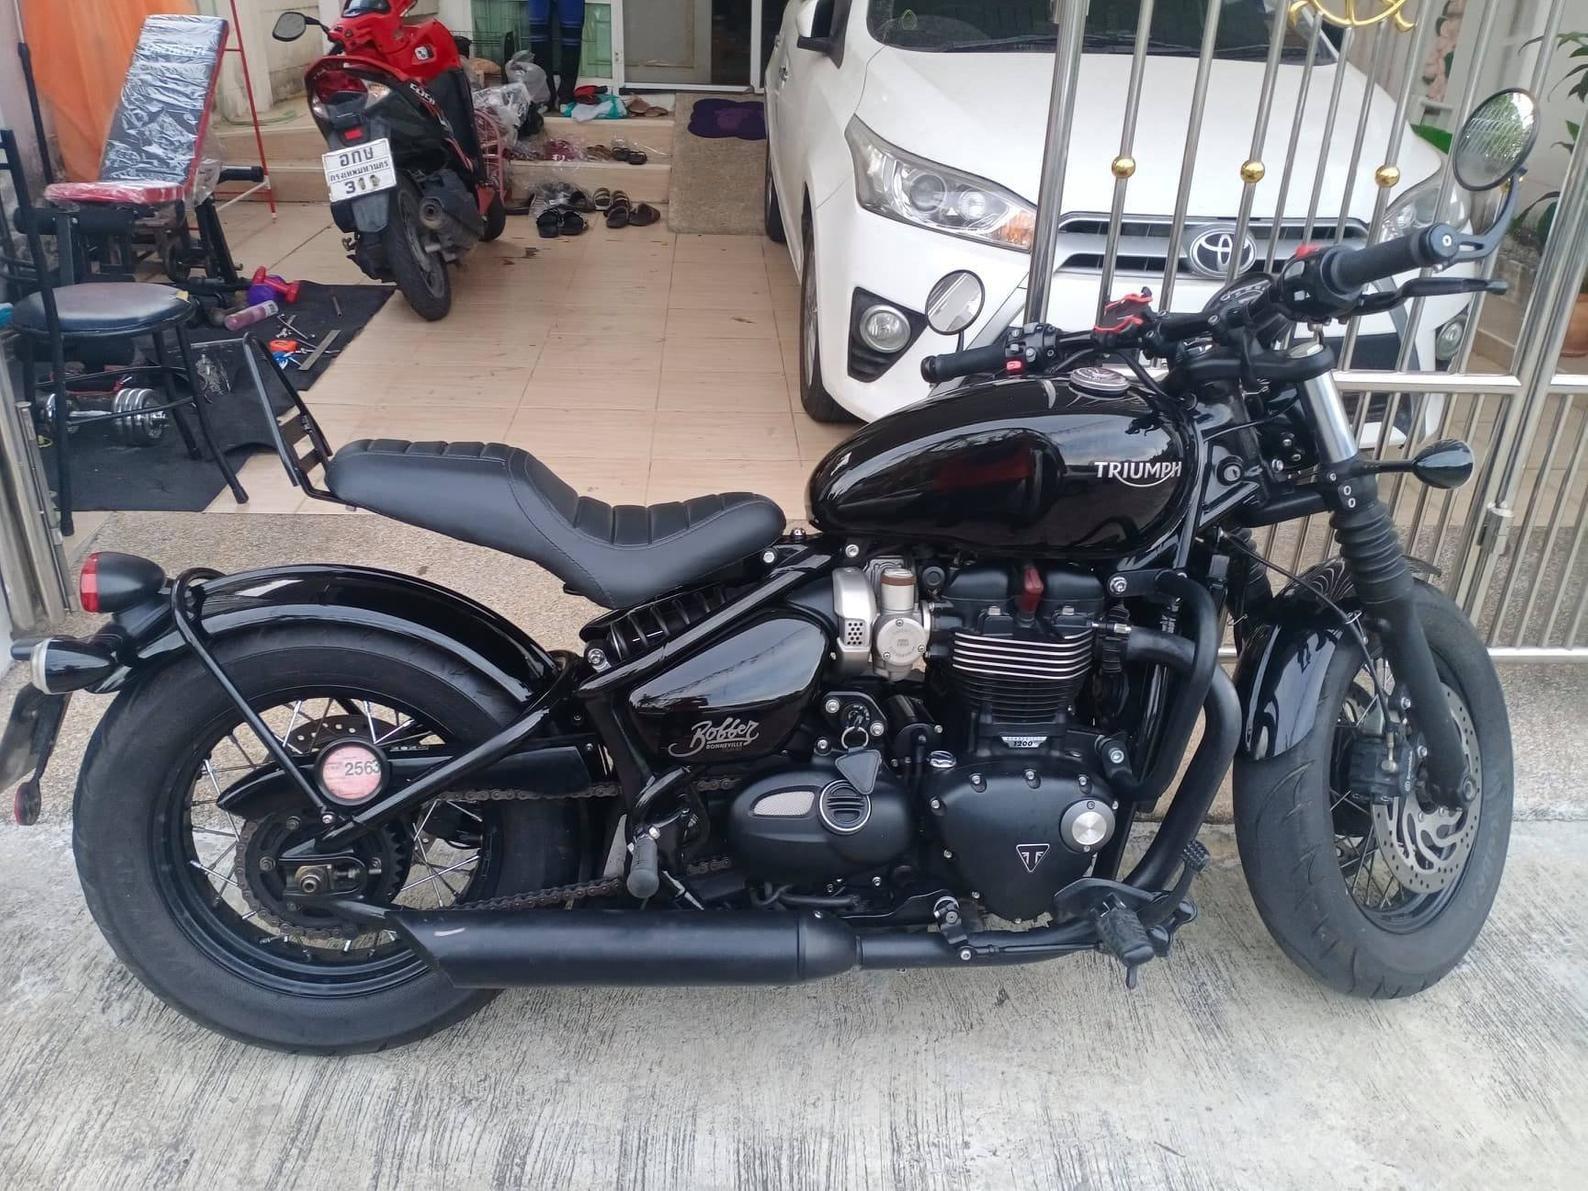 Pin On Motorcycle Stuff To Buy [ 1191 x 1588 Pixel ]